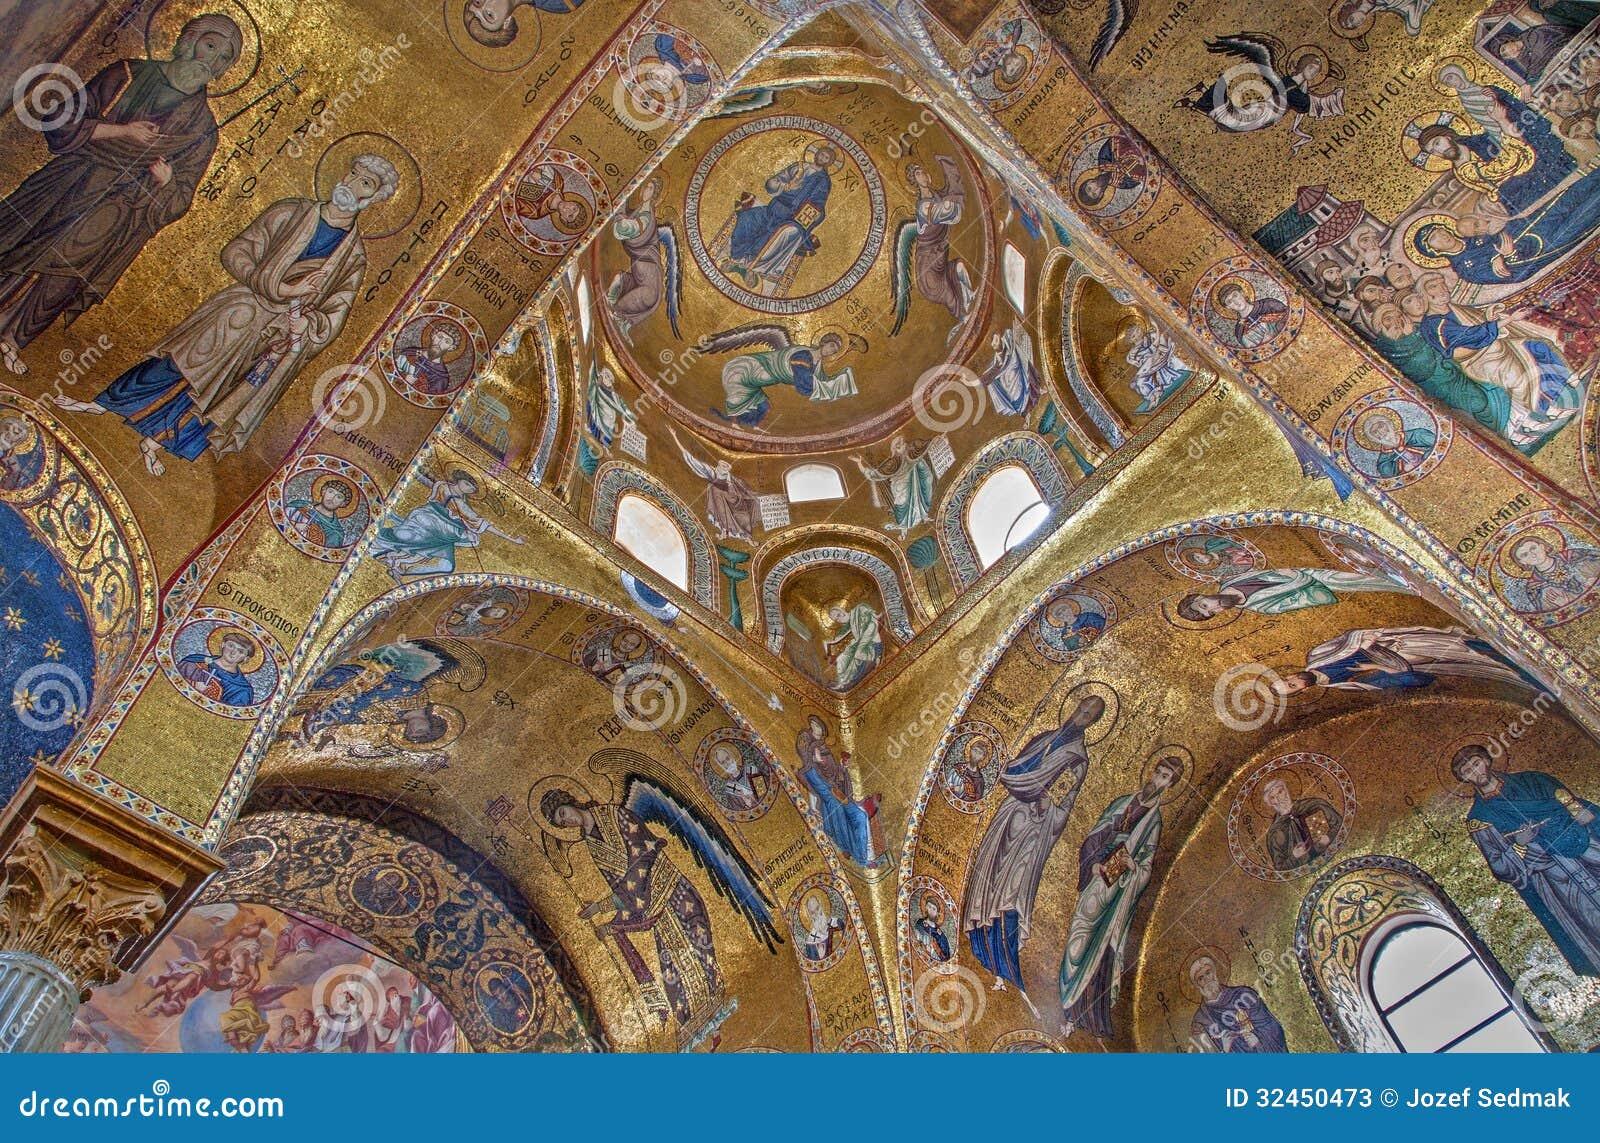 Παλέρμο - βυζαντινό μωσαϊκό από την εκκλησία της Σάντα Μαρία dell Ammiraglio ή Λα Martorana